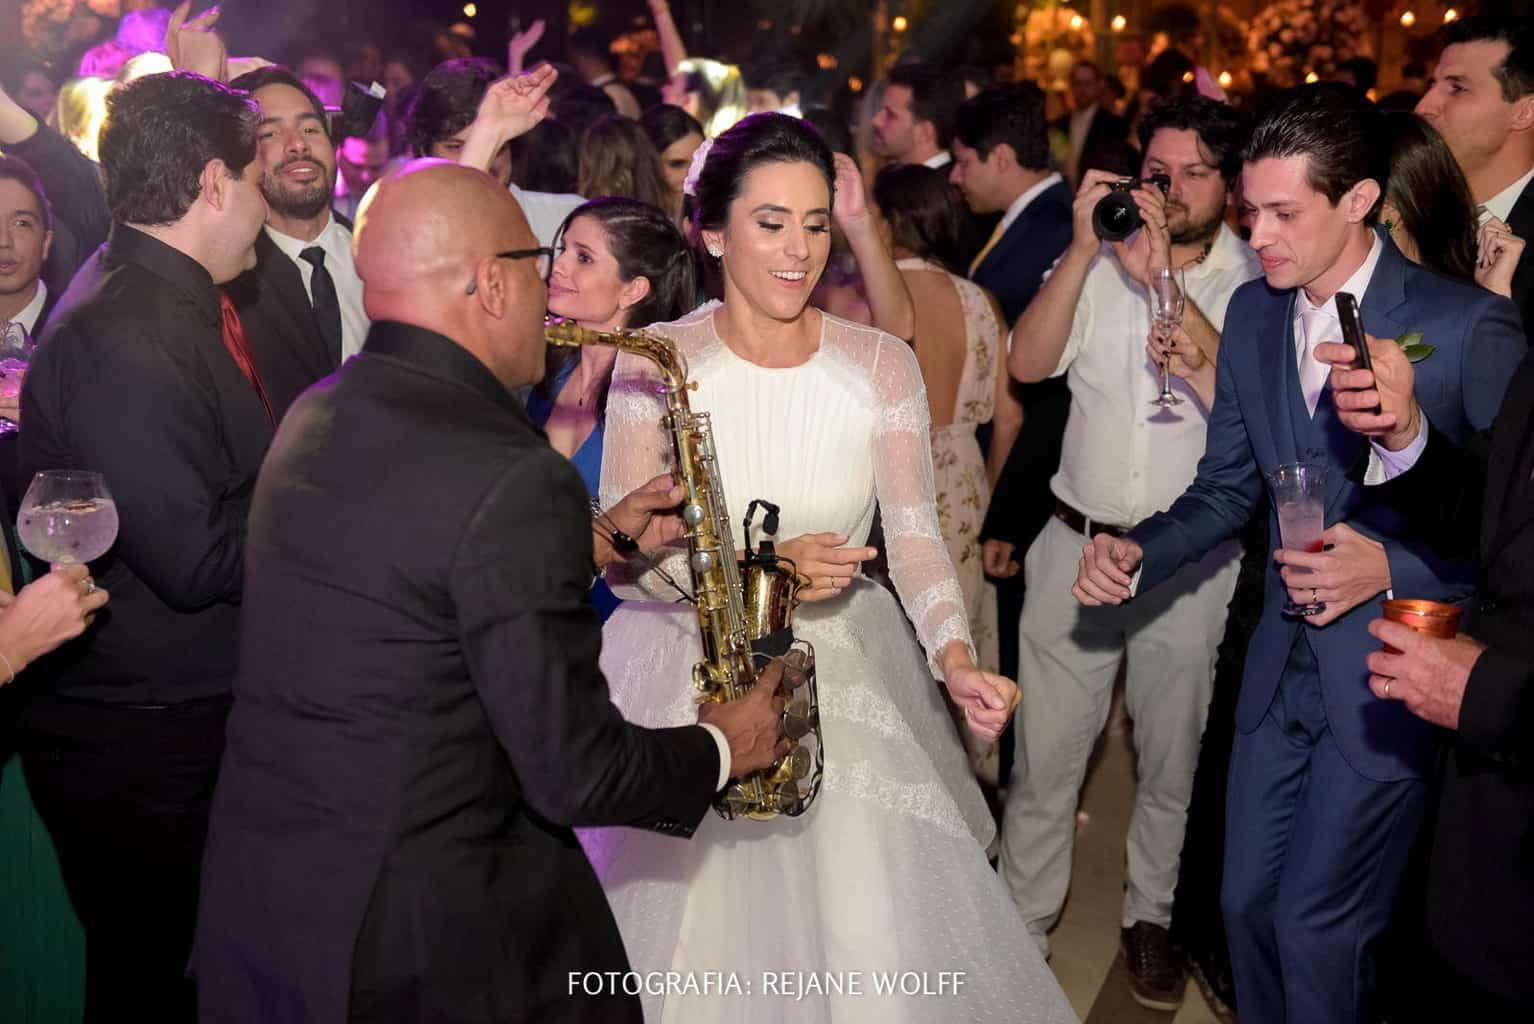 Casamento-Verane-e-Bruno-fotografia-Rejane-Wolff-hora-do-buque-Rej-Terras-de-Clara20